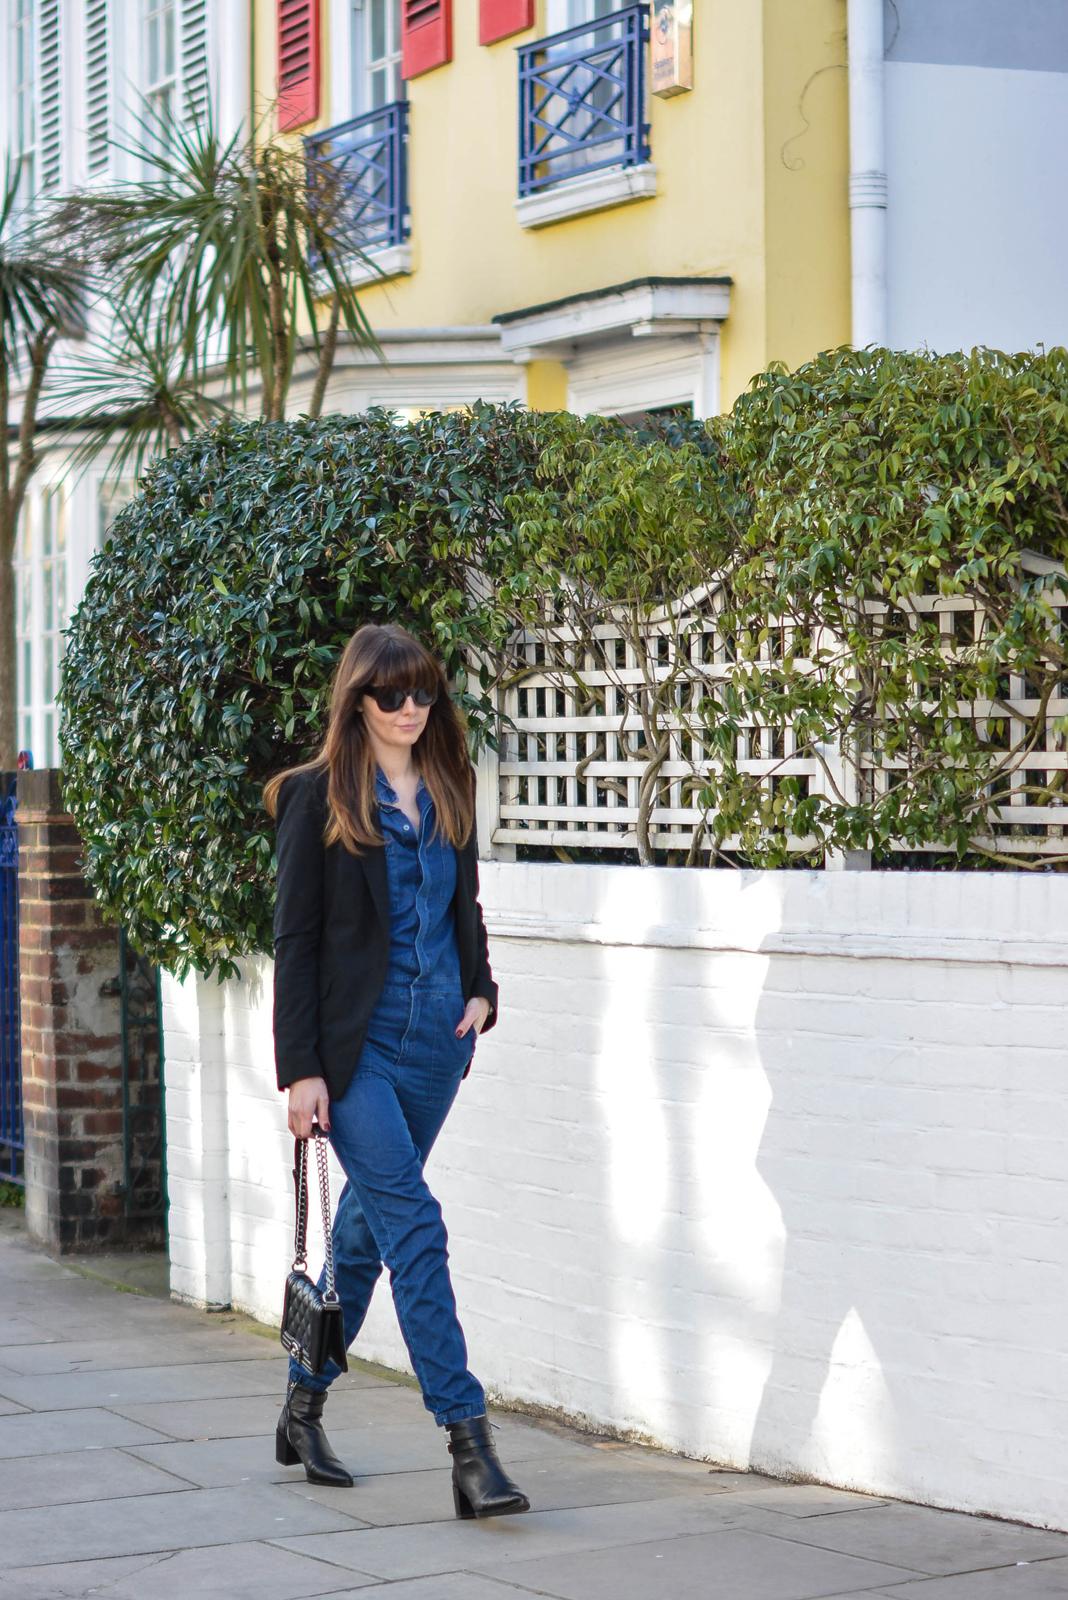 EJSTYLE - Emma Hill, Fashion Blogger, Forever 21 black pointed toe ankle boots, Forever 21 Denim jumpsuit, denim overalls, denim boiler suit, asos cat eye sunglasses, chanel boy bag, black mango blazer, OOTD, street